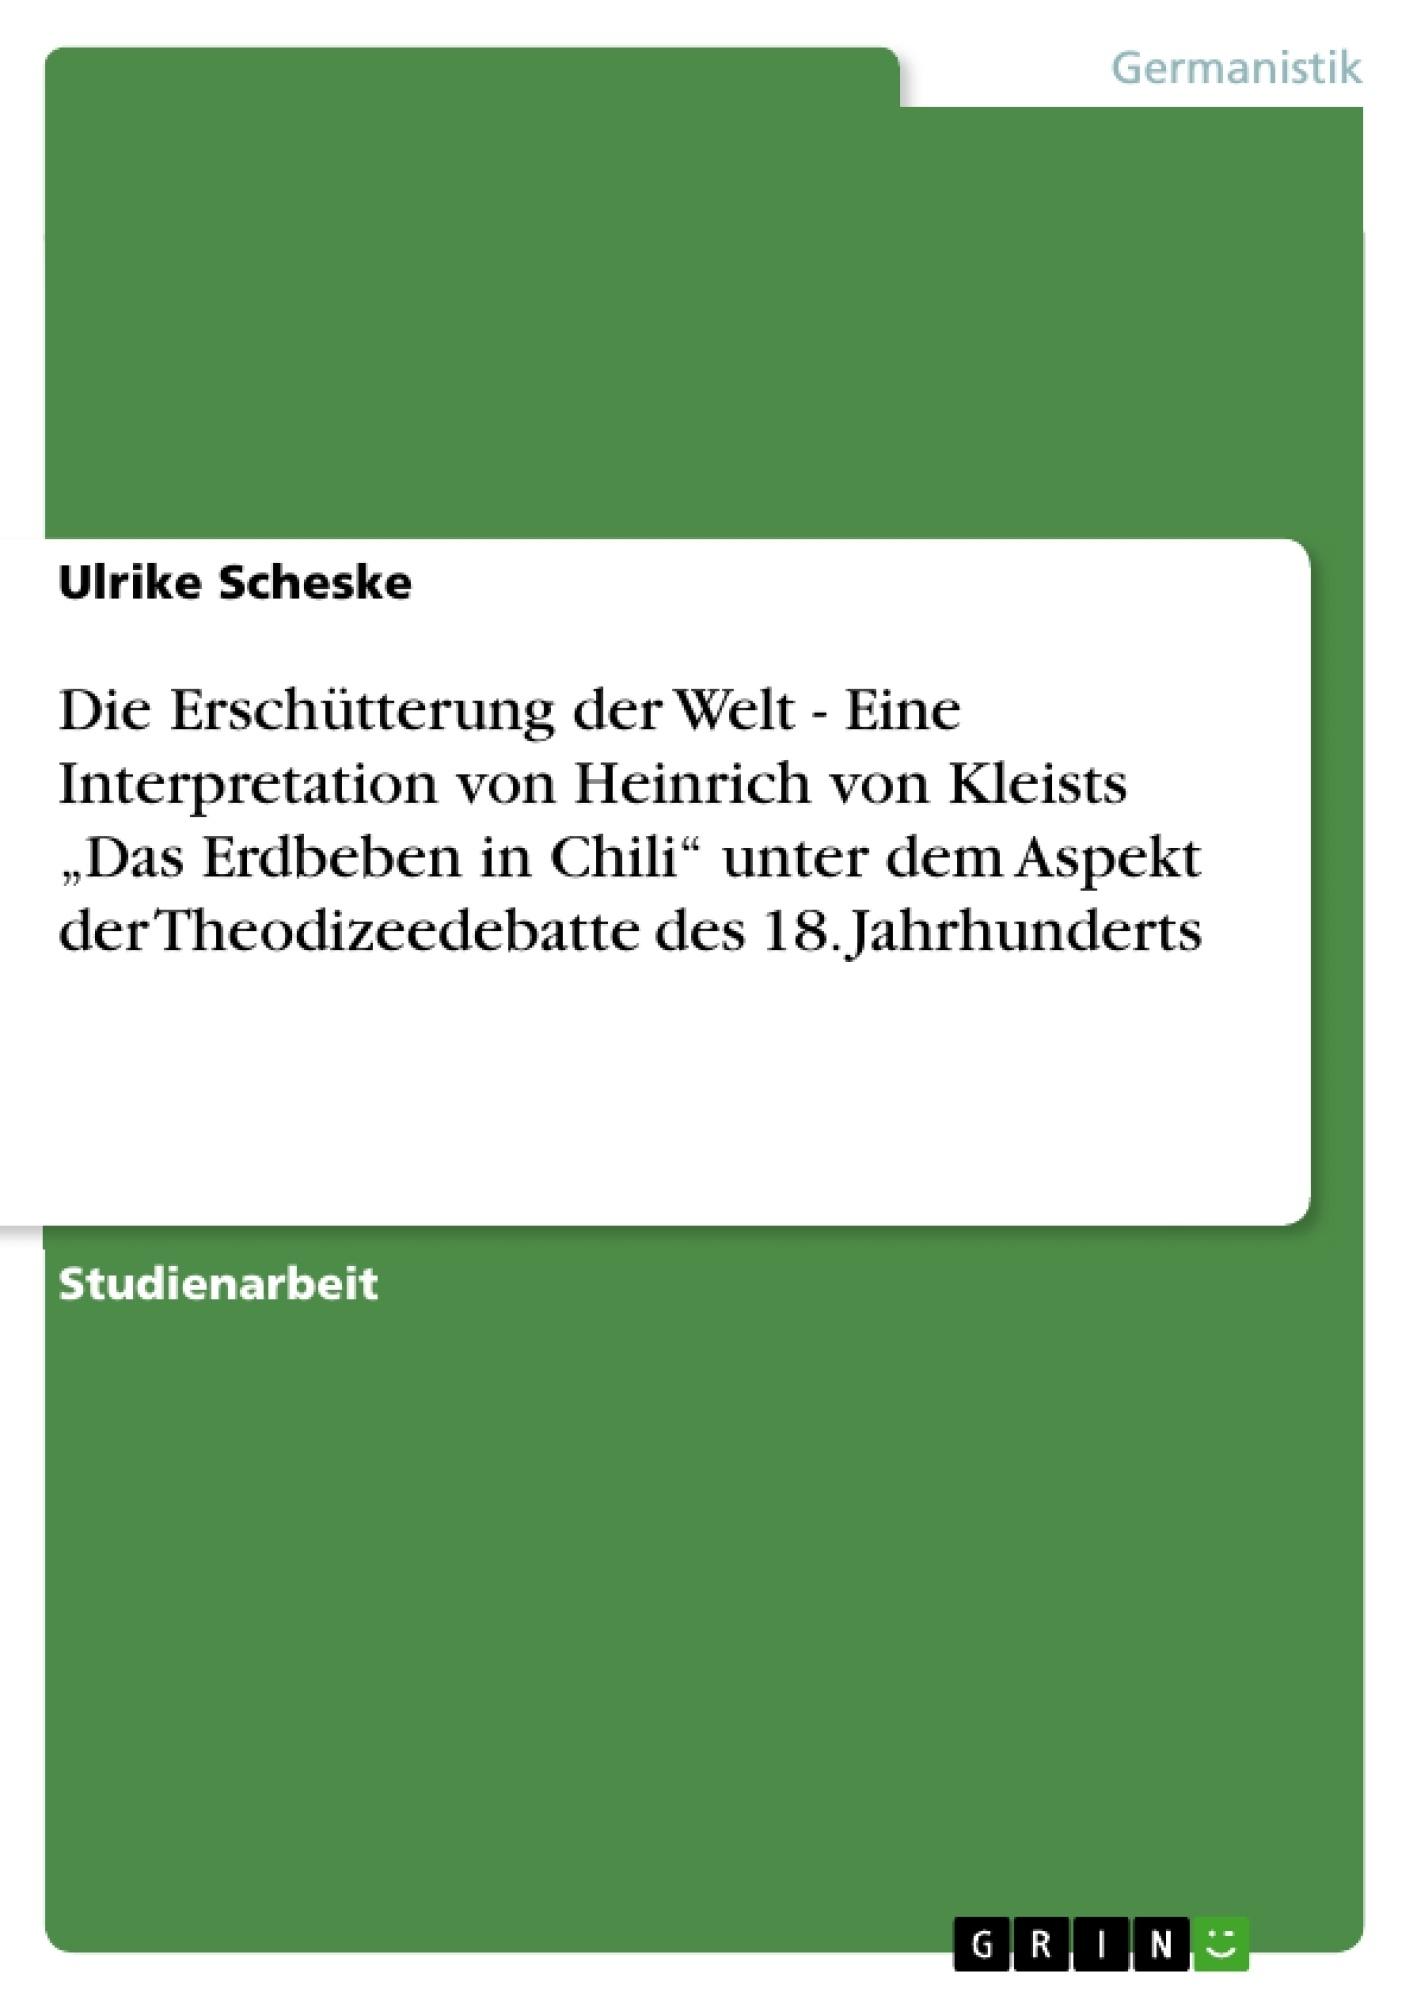 """Titel: Die Erschütterung der Welt - Eine Interpretation von Heinrich von Kleists """"Das Erdbeben in Chili"""" unter dem Aspekt der Theodizeedebatte des 18. Jahrhunderts"""